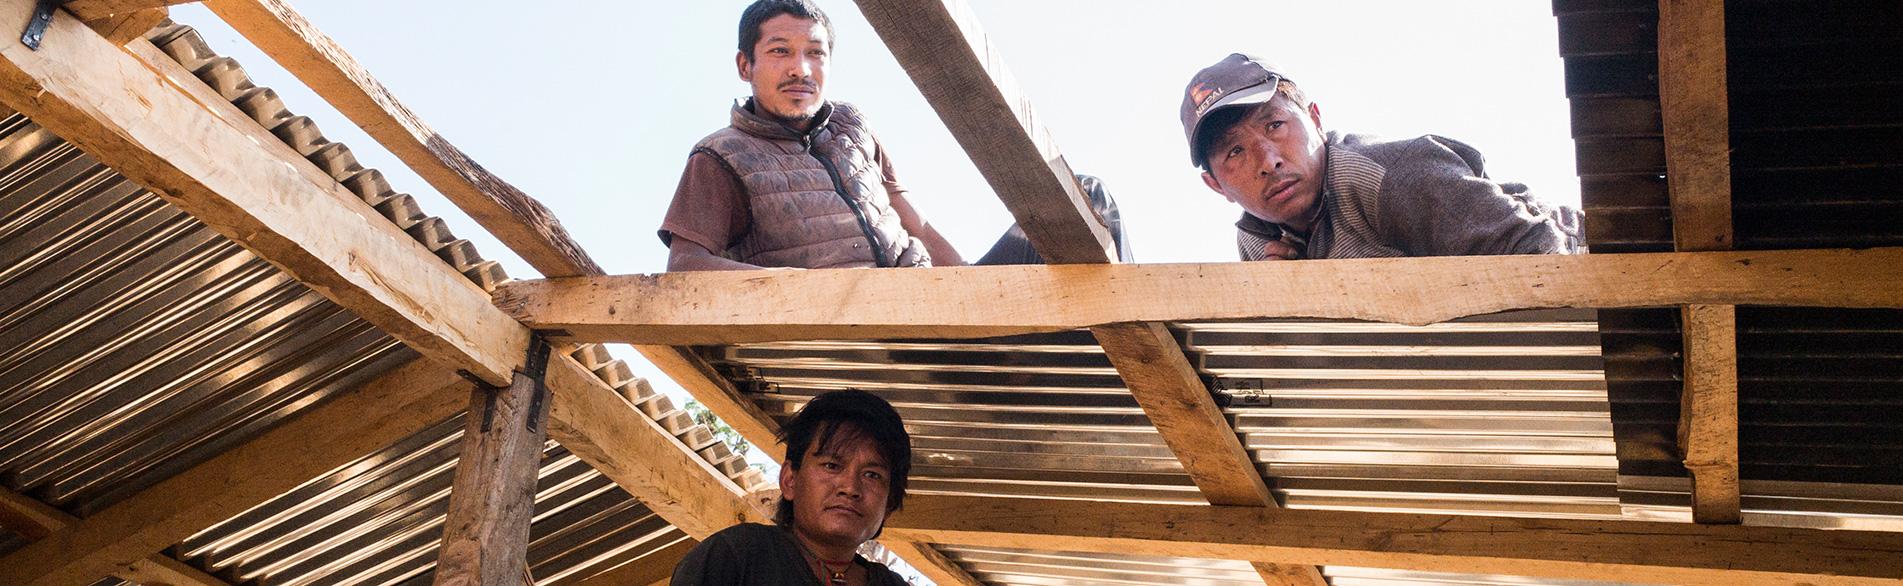 2 ans après le séisme : le Népal se reconstruit malgré les défis